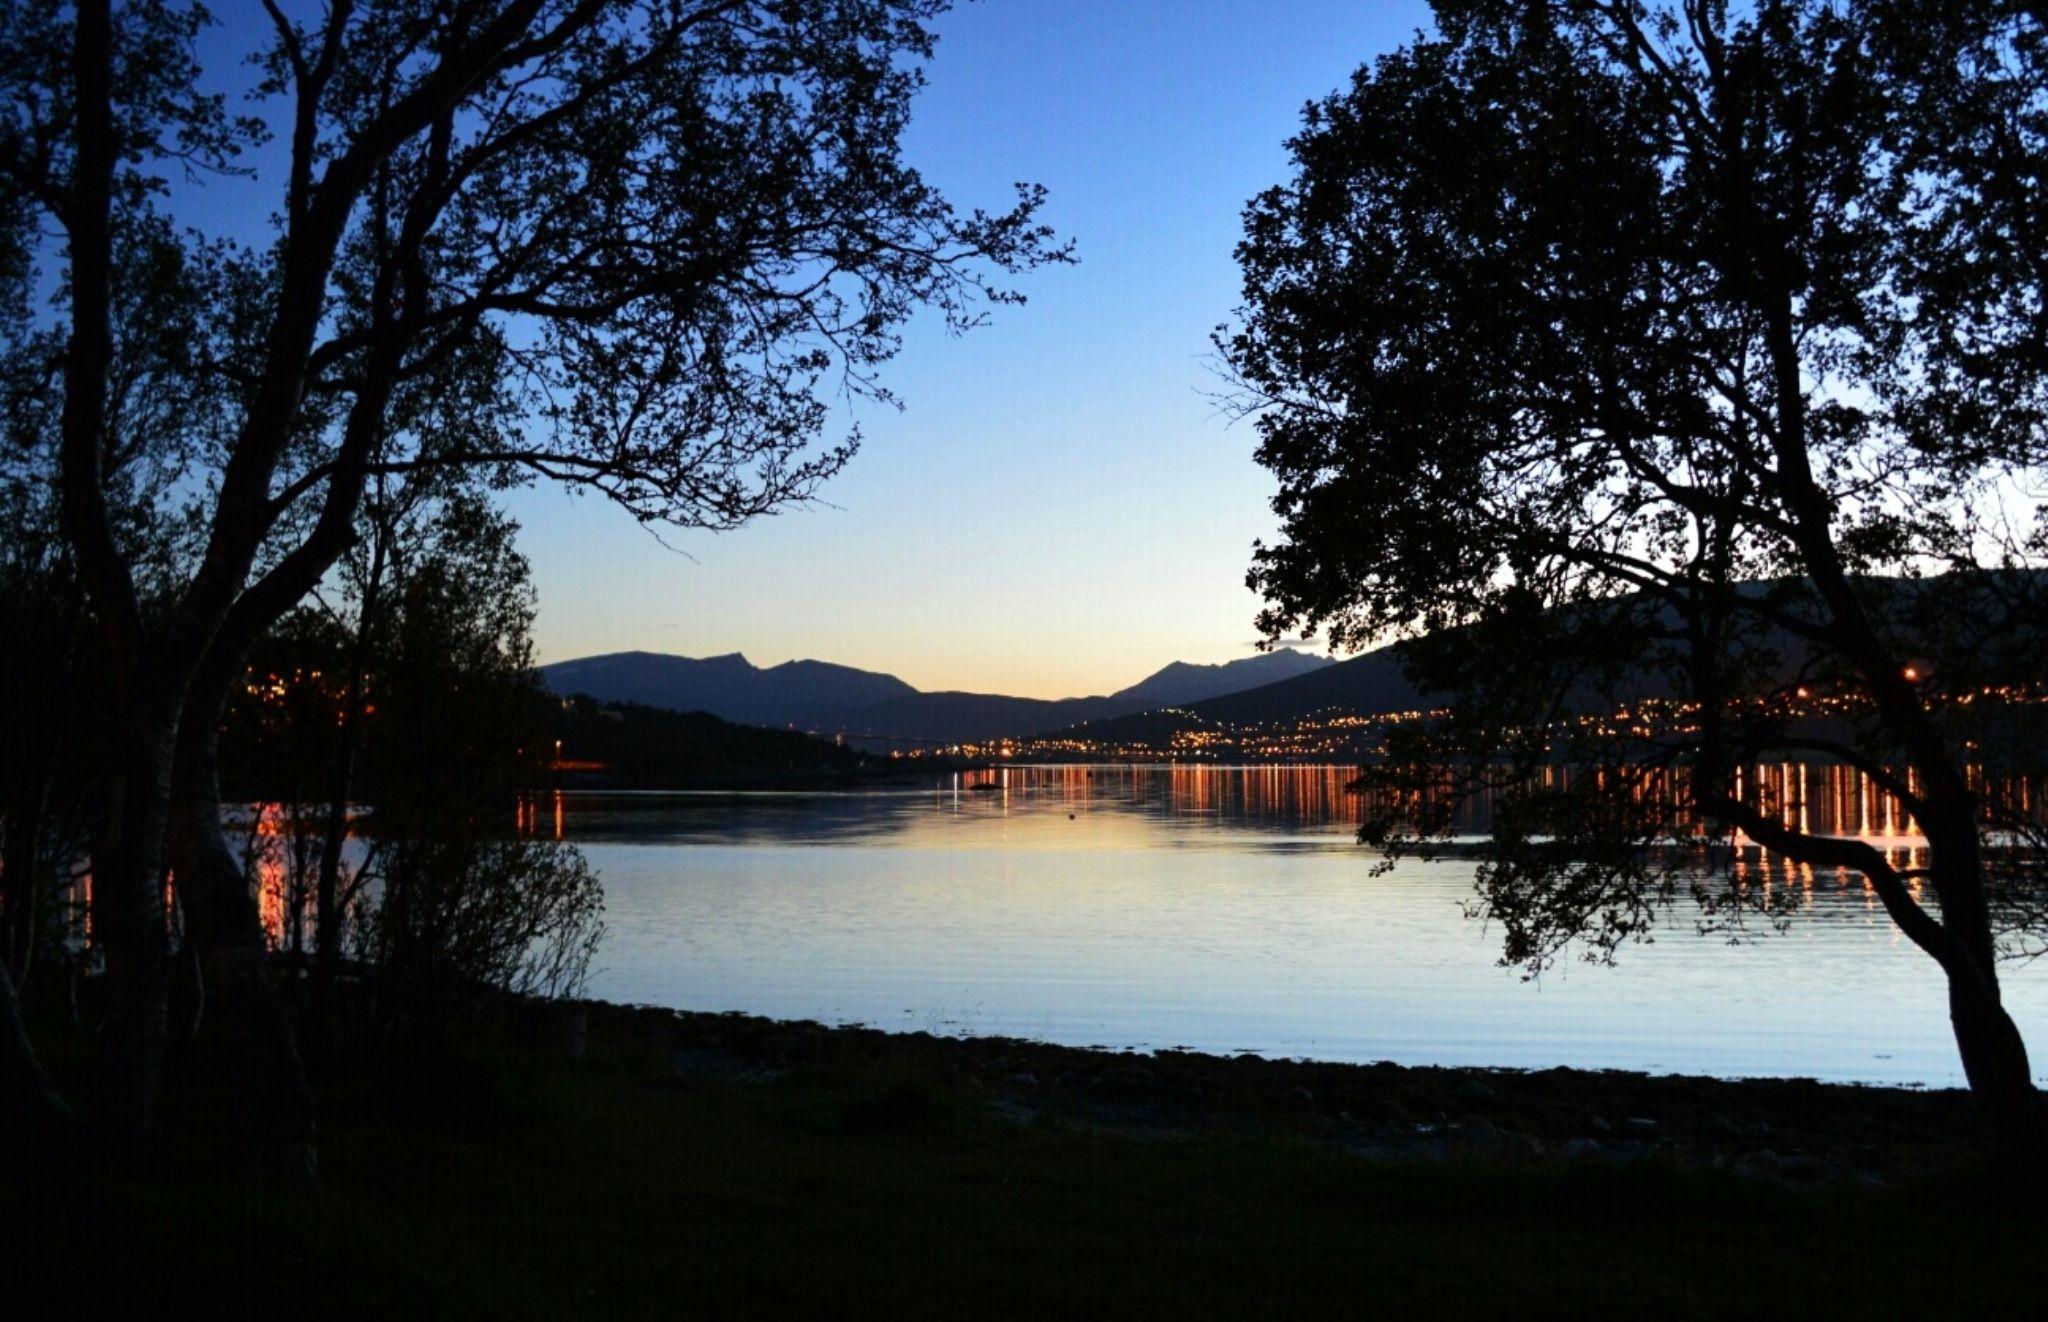 evening glow  by robtl12345